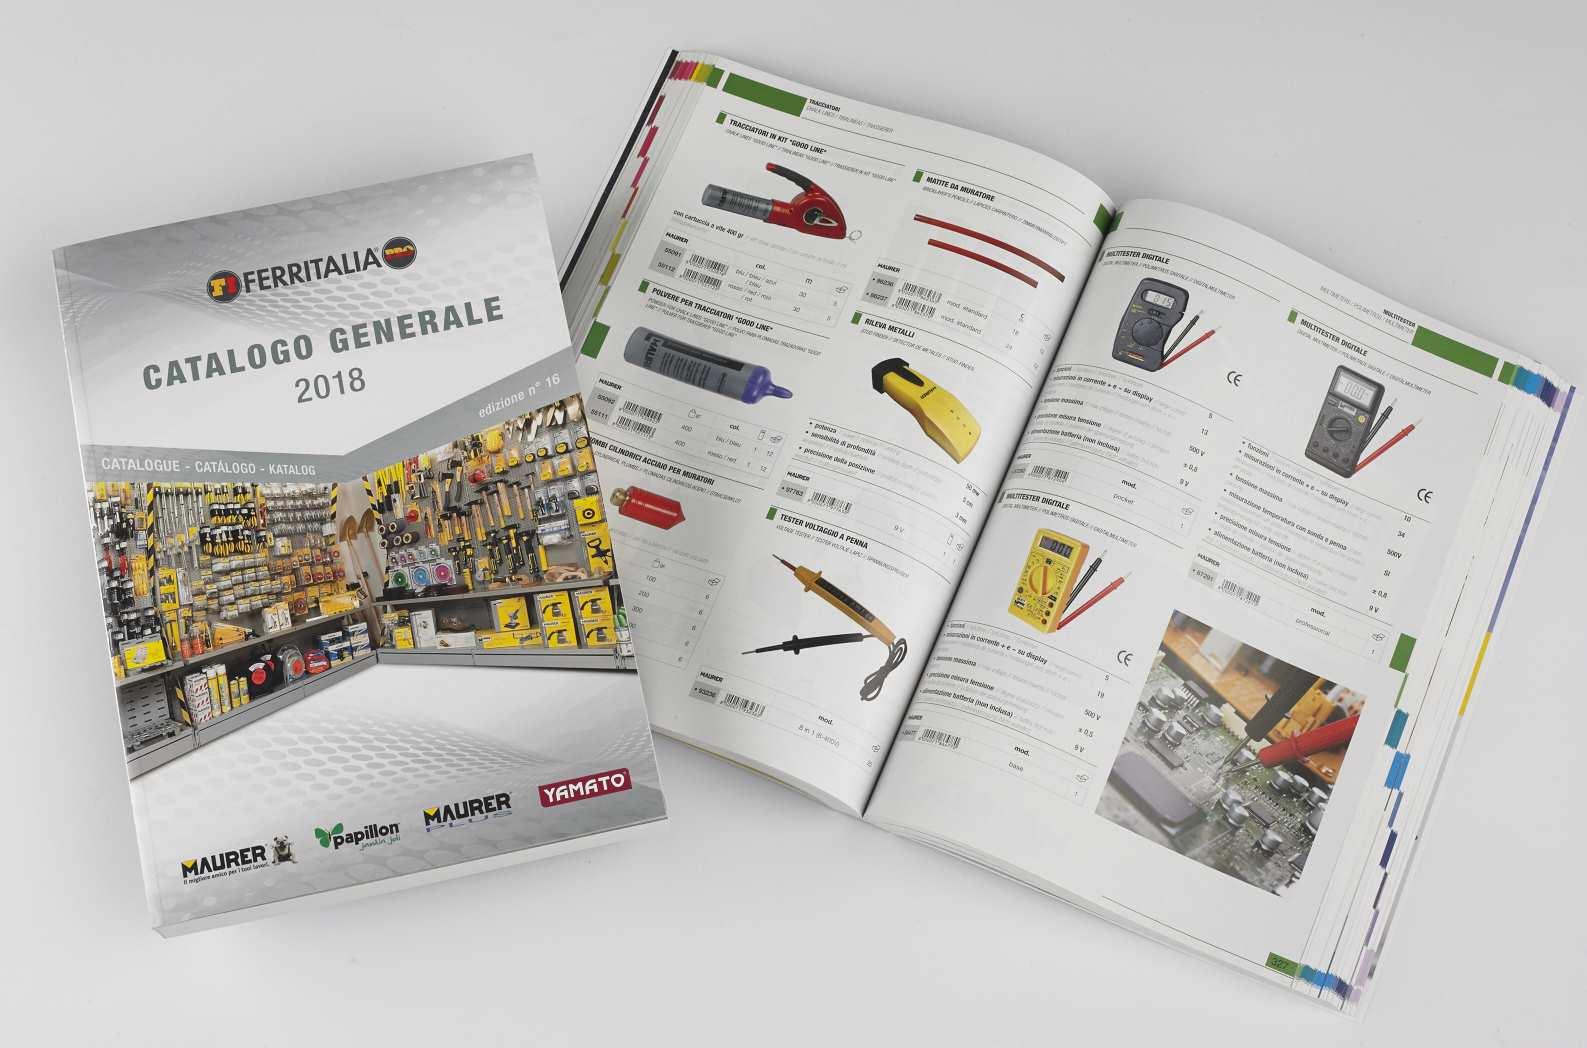 Ferritalia lancia il nuovo catalogo 2018 for Nuovo arredo andria catalogo